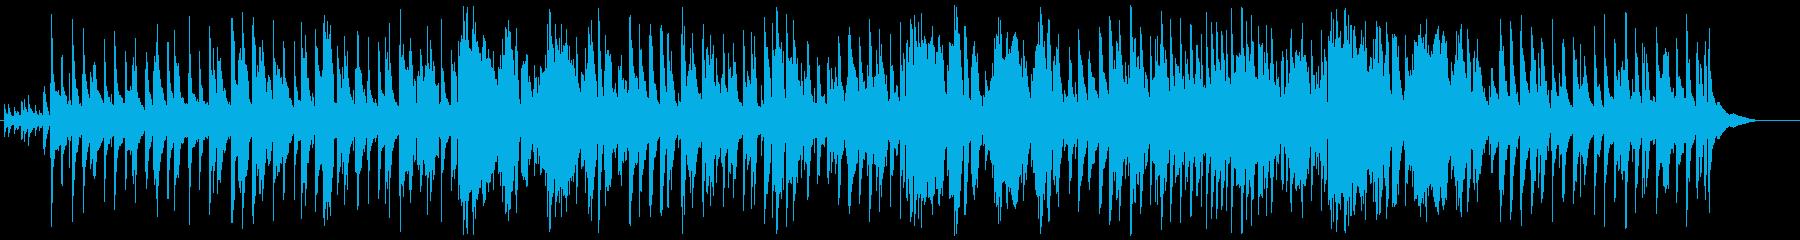 うぬボケの再生済みの波形